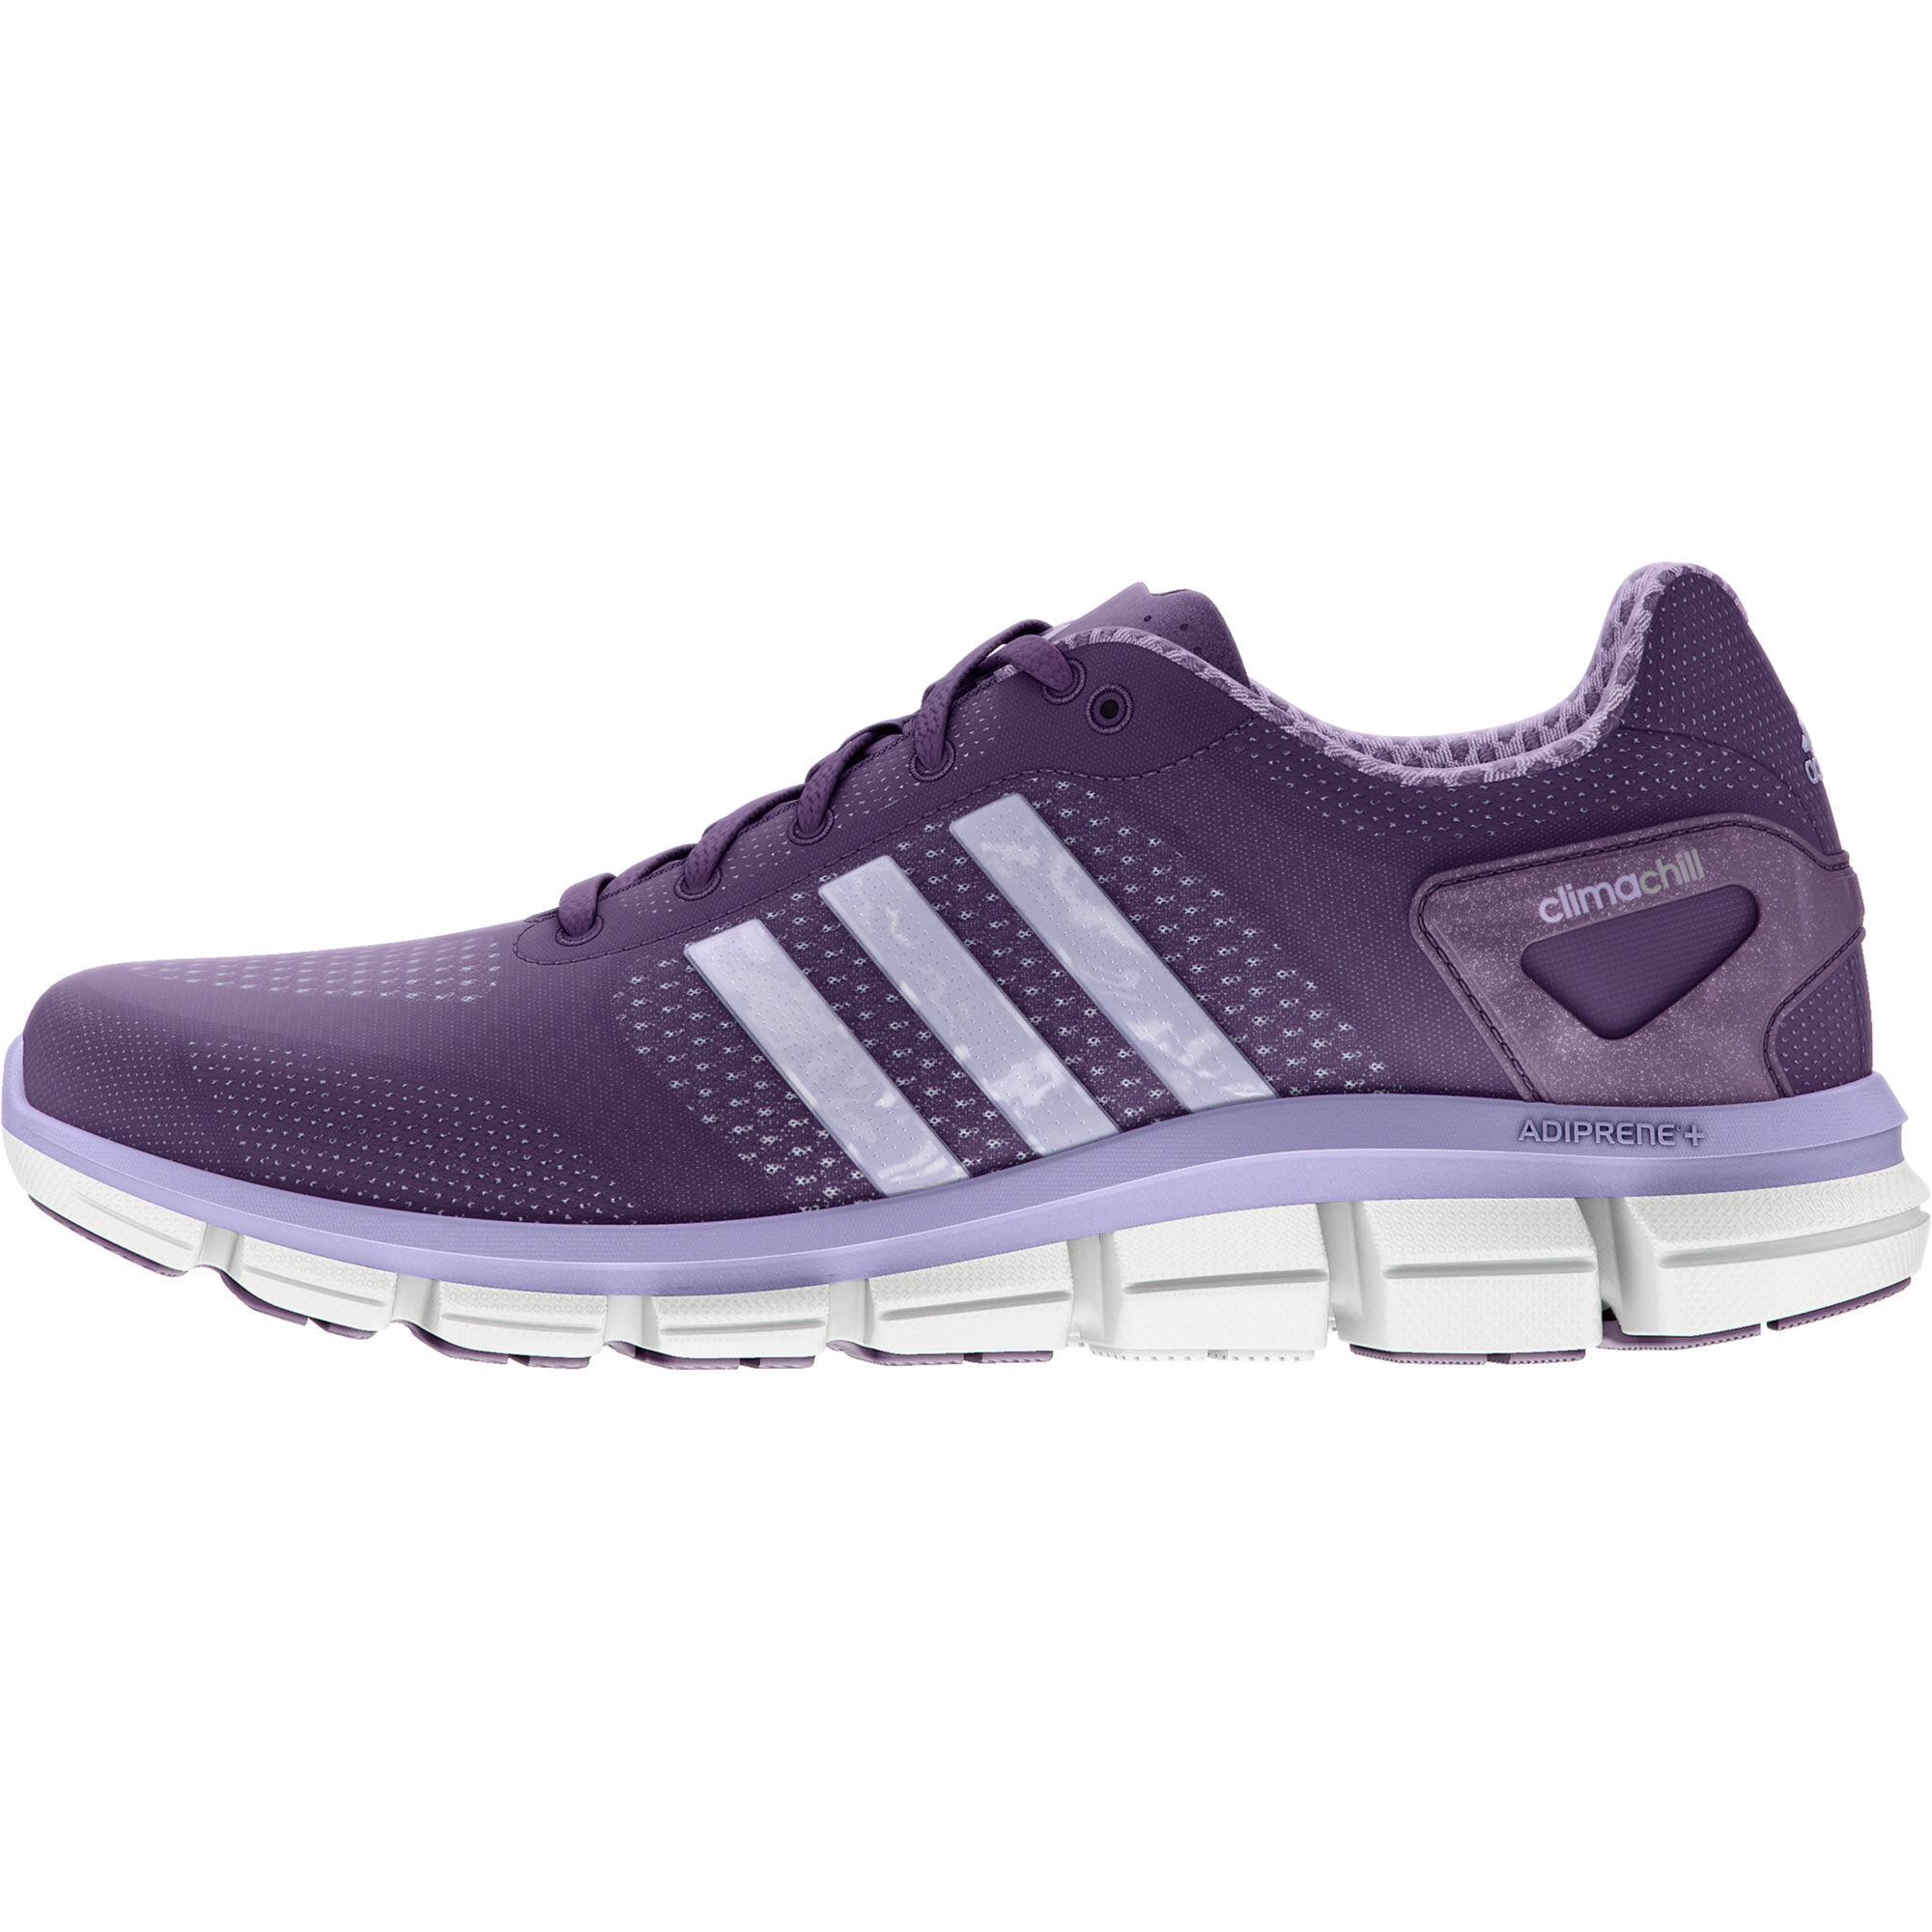 zapatillas adidas climacool running